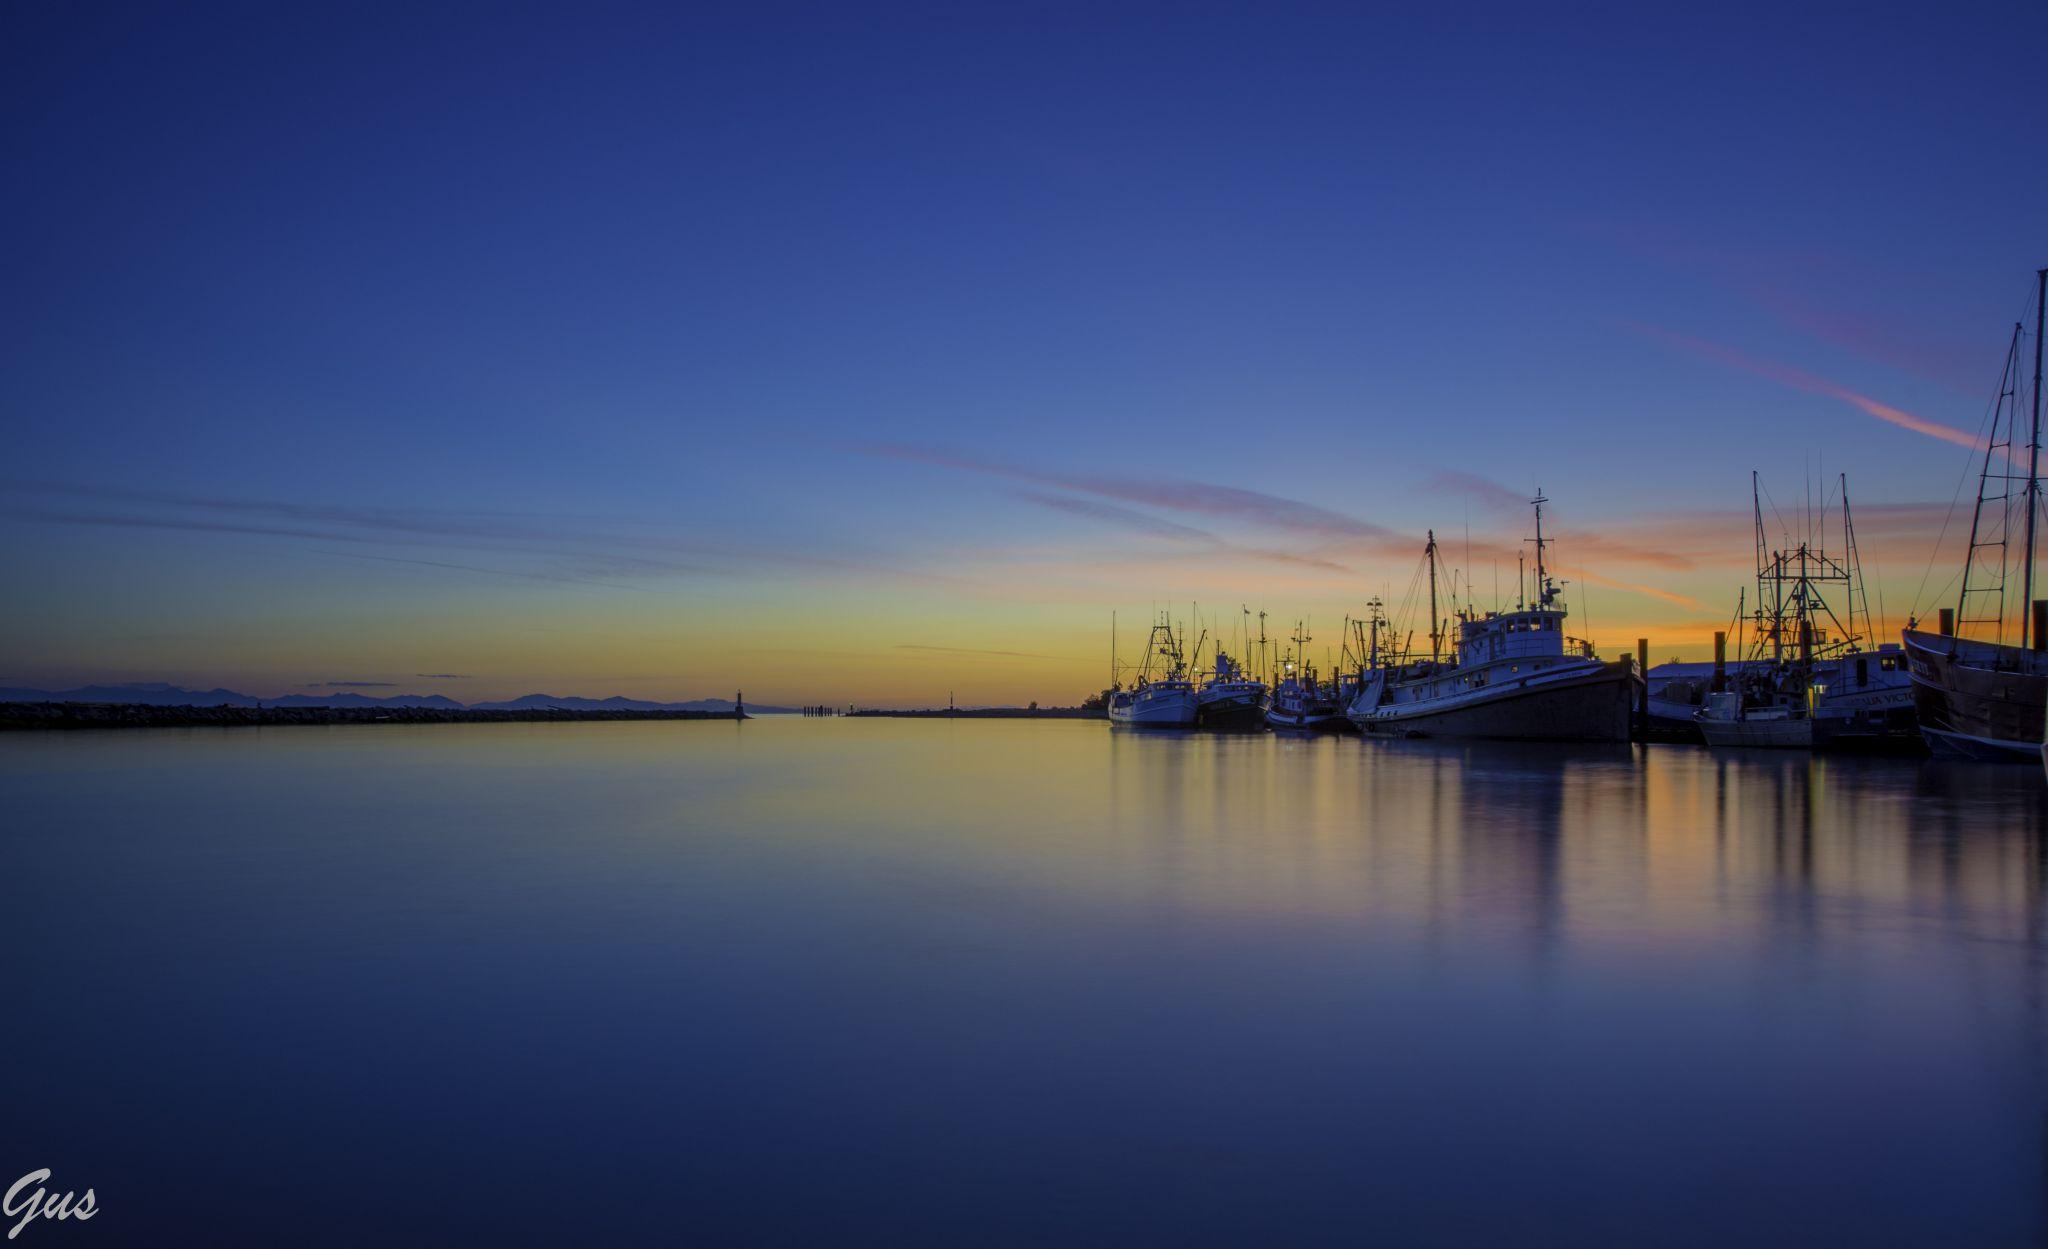 Marina, Canada